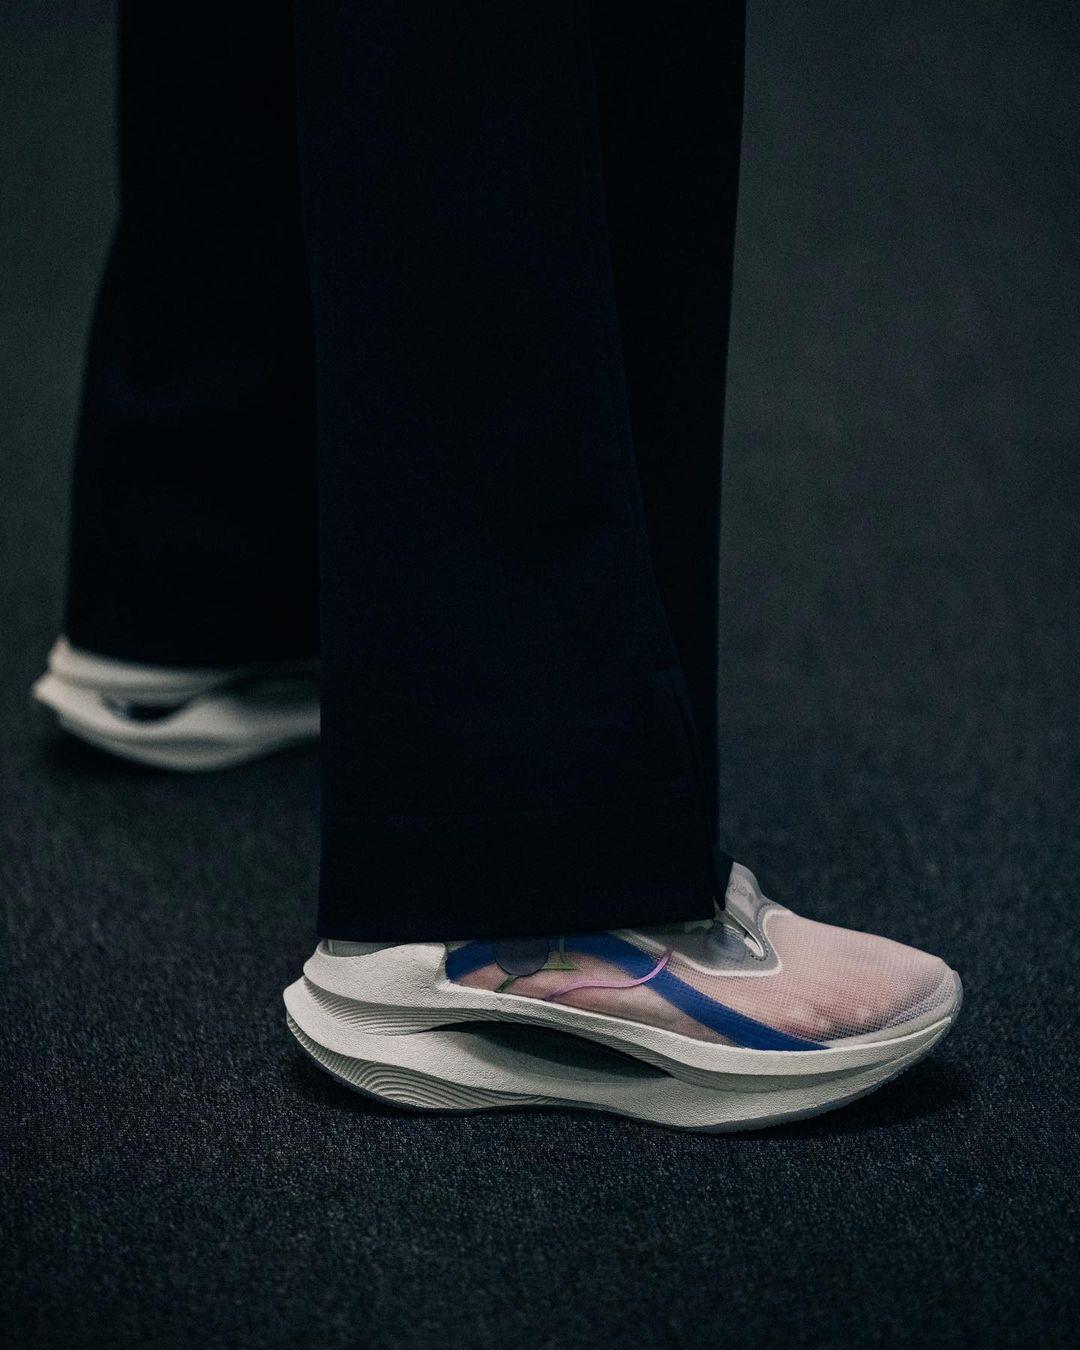 李宁,Soulland  上次被评为「十佳球鞋」!Soulland x 李宁全新联名鞋刚刚曝光!